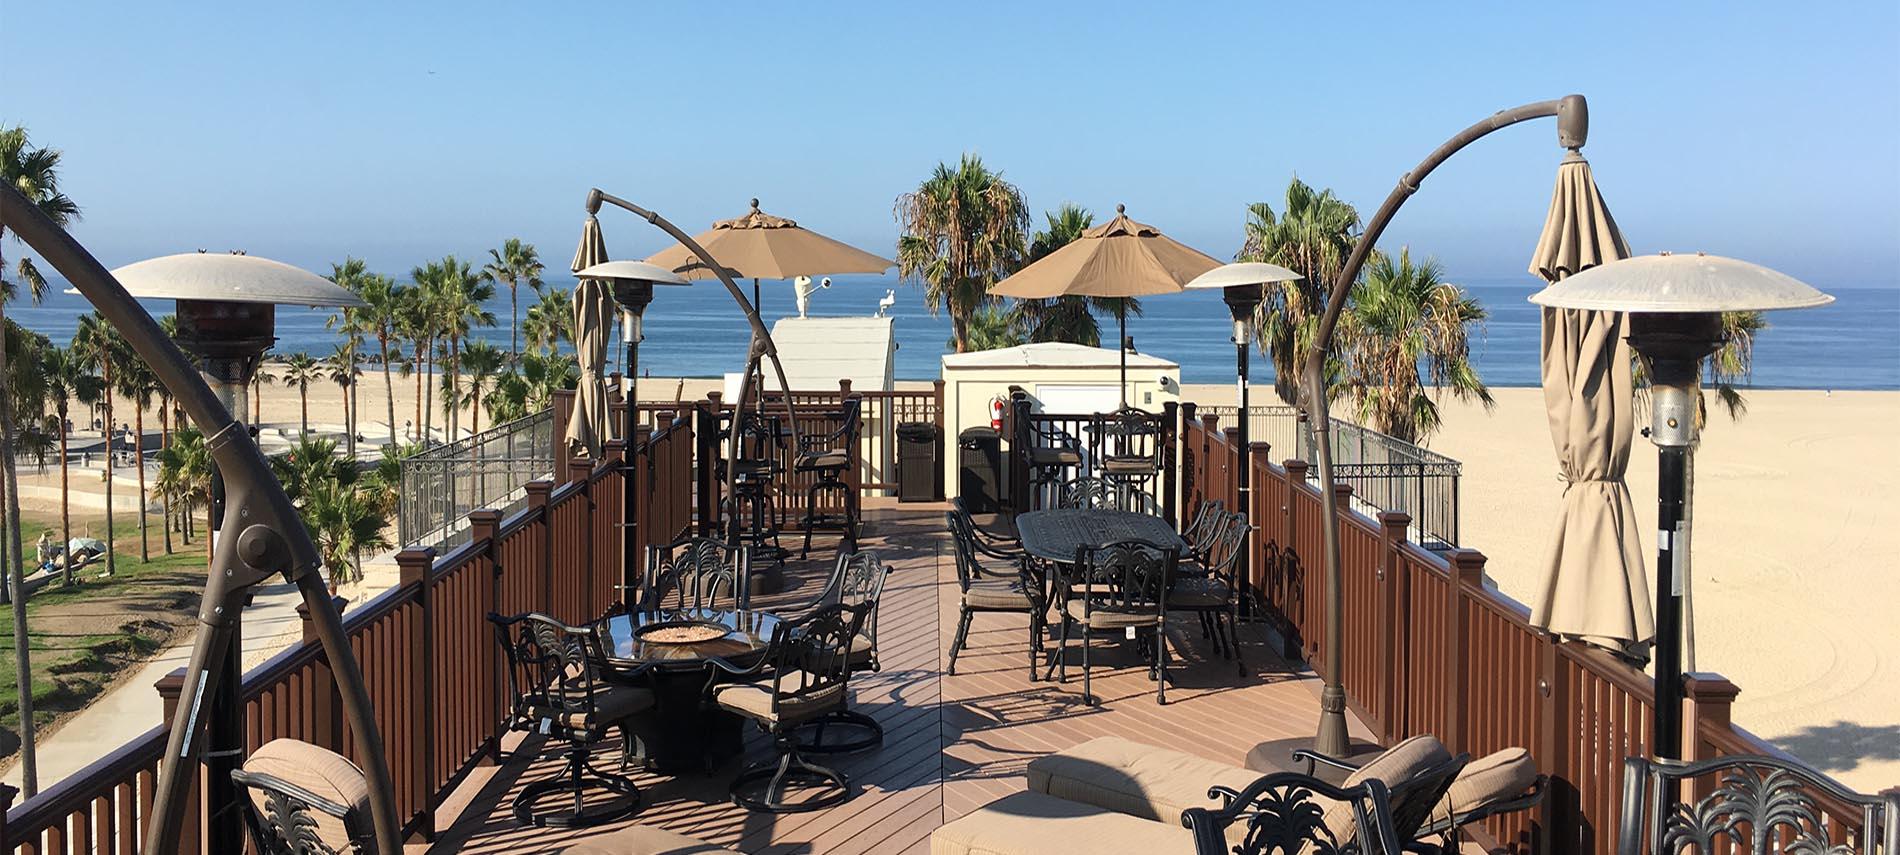 Best Hotels In Venice Beach